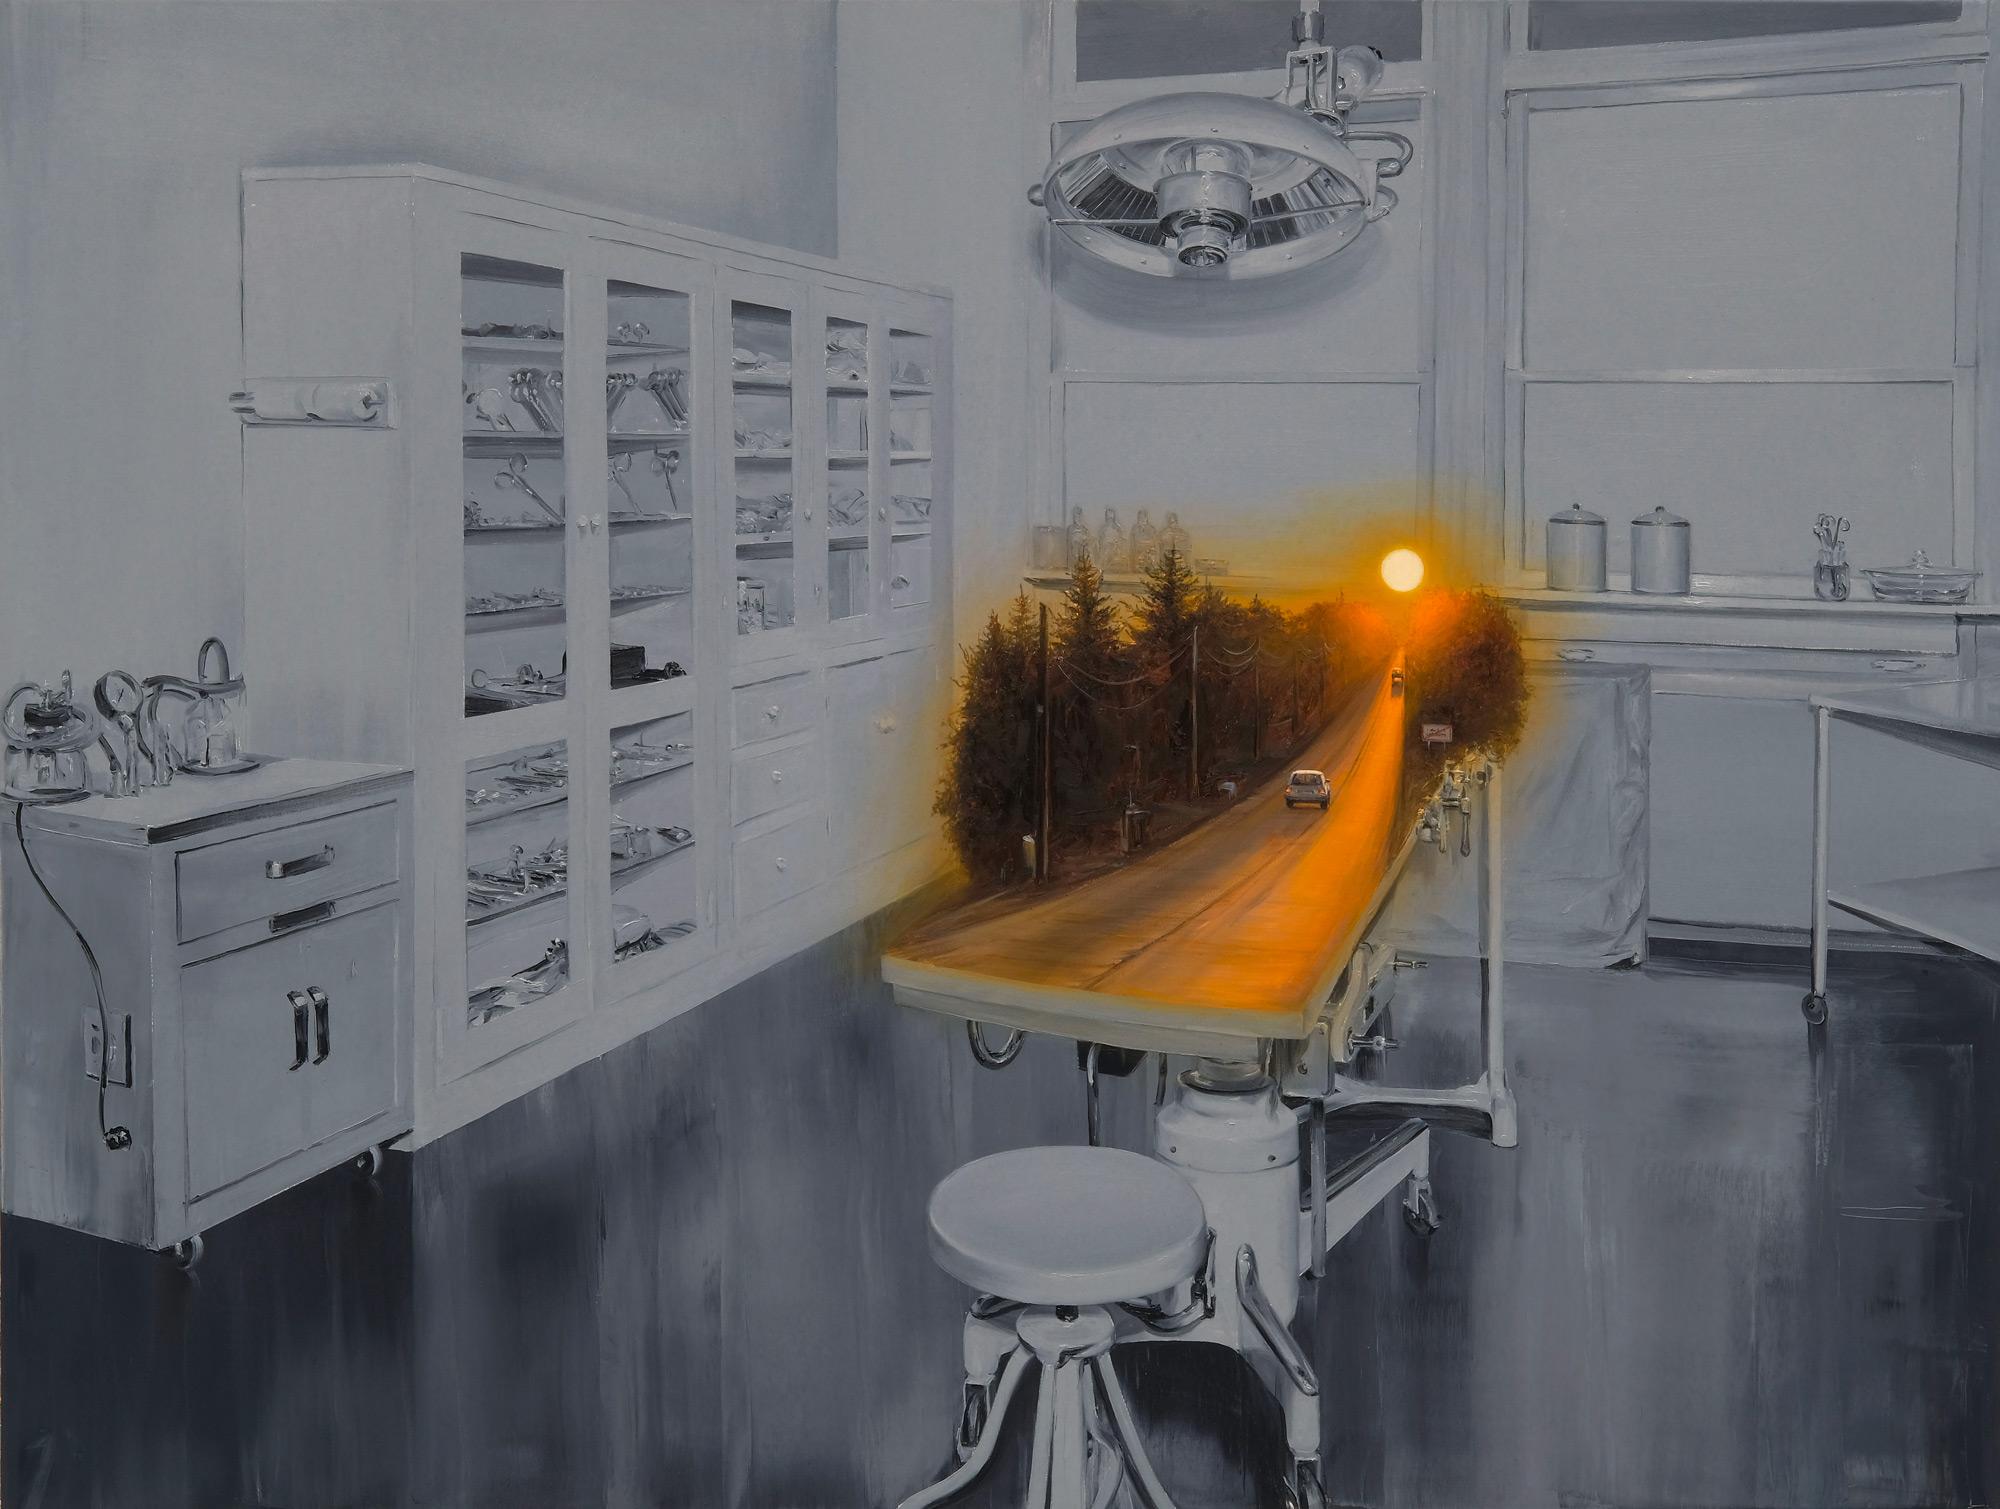 A-Journey-Oil-on-canvas.-130-x-170-cm.-2019.jpg